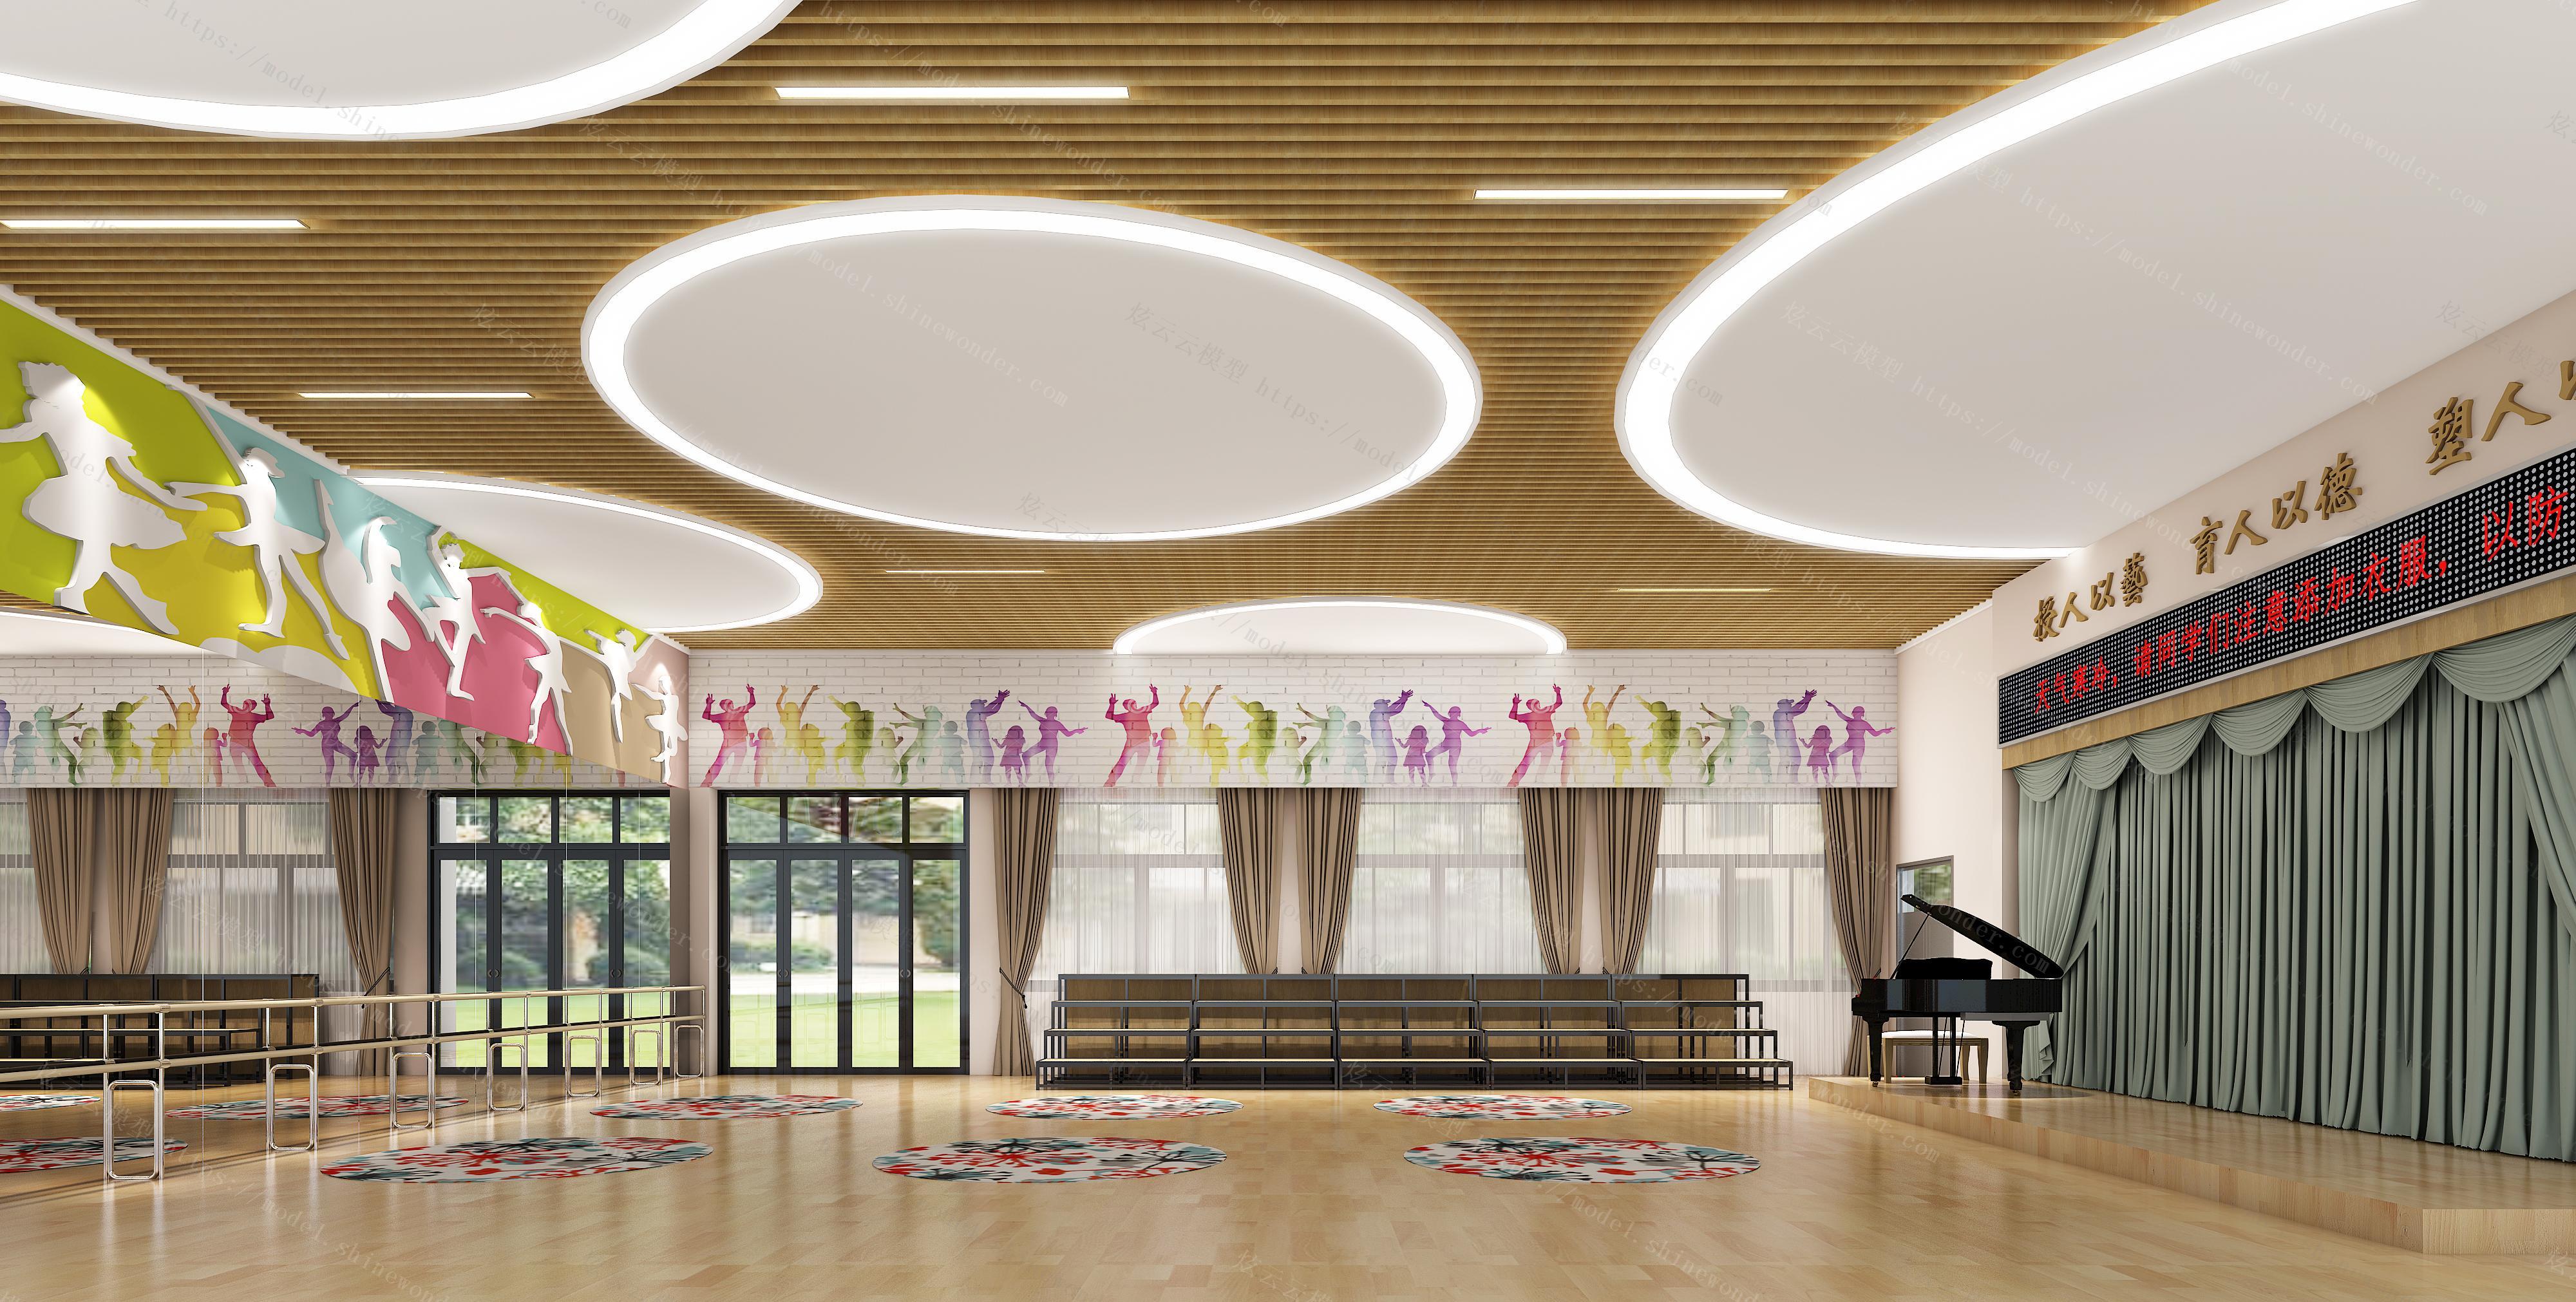 舞蹈室模型